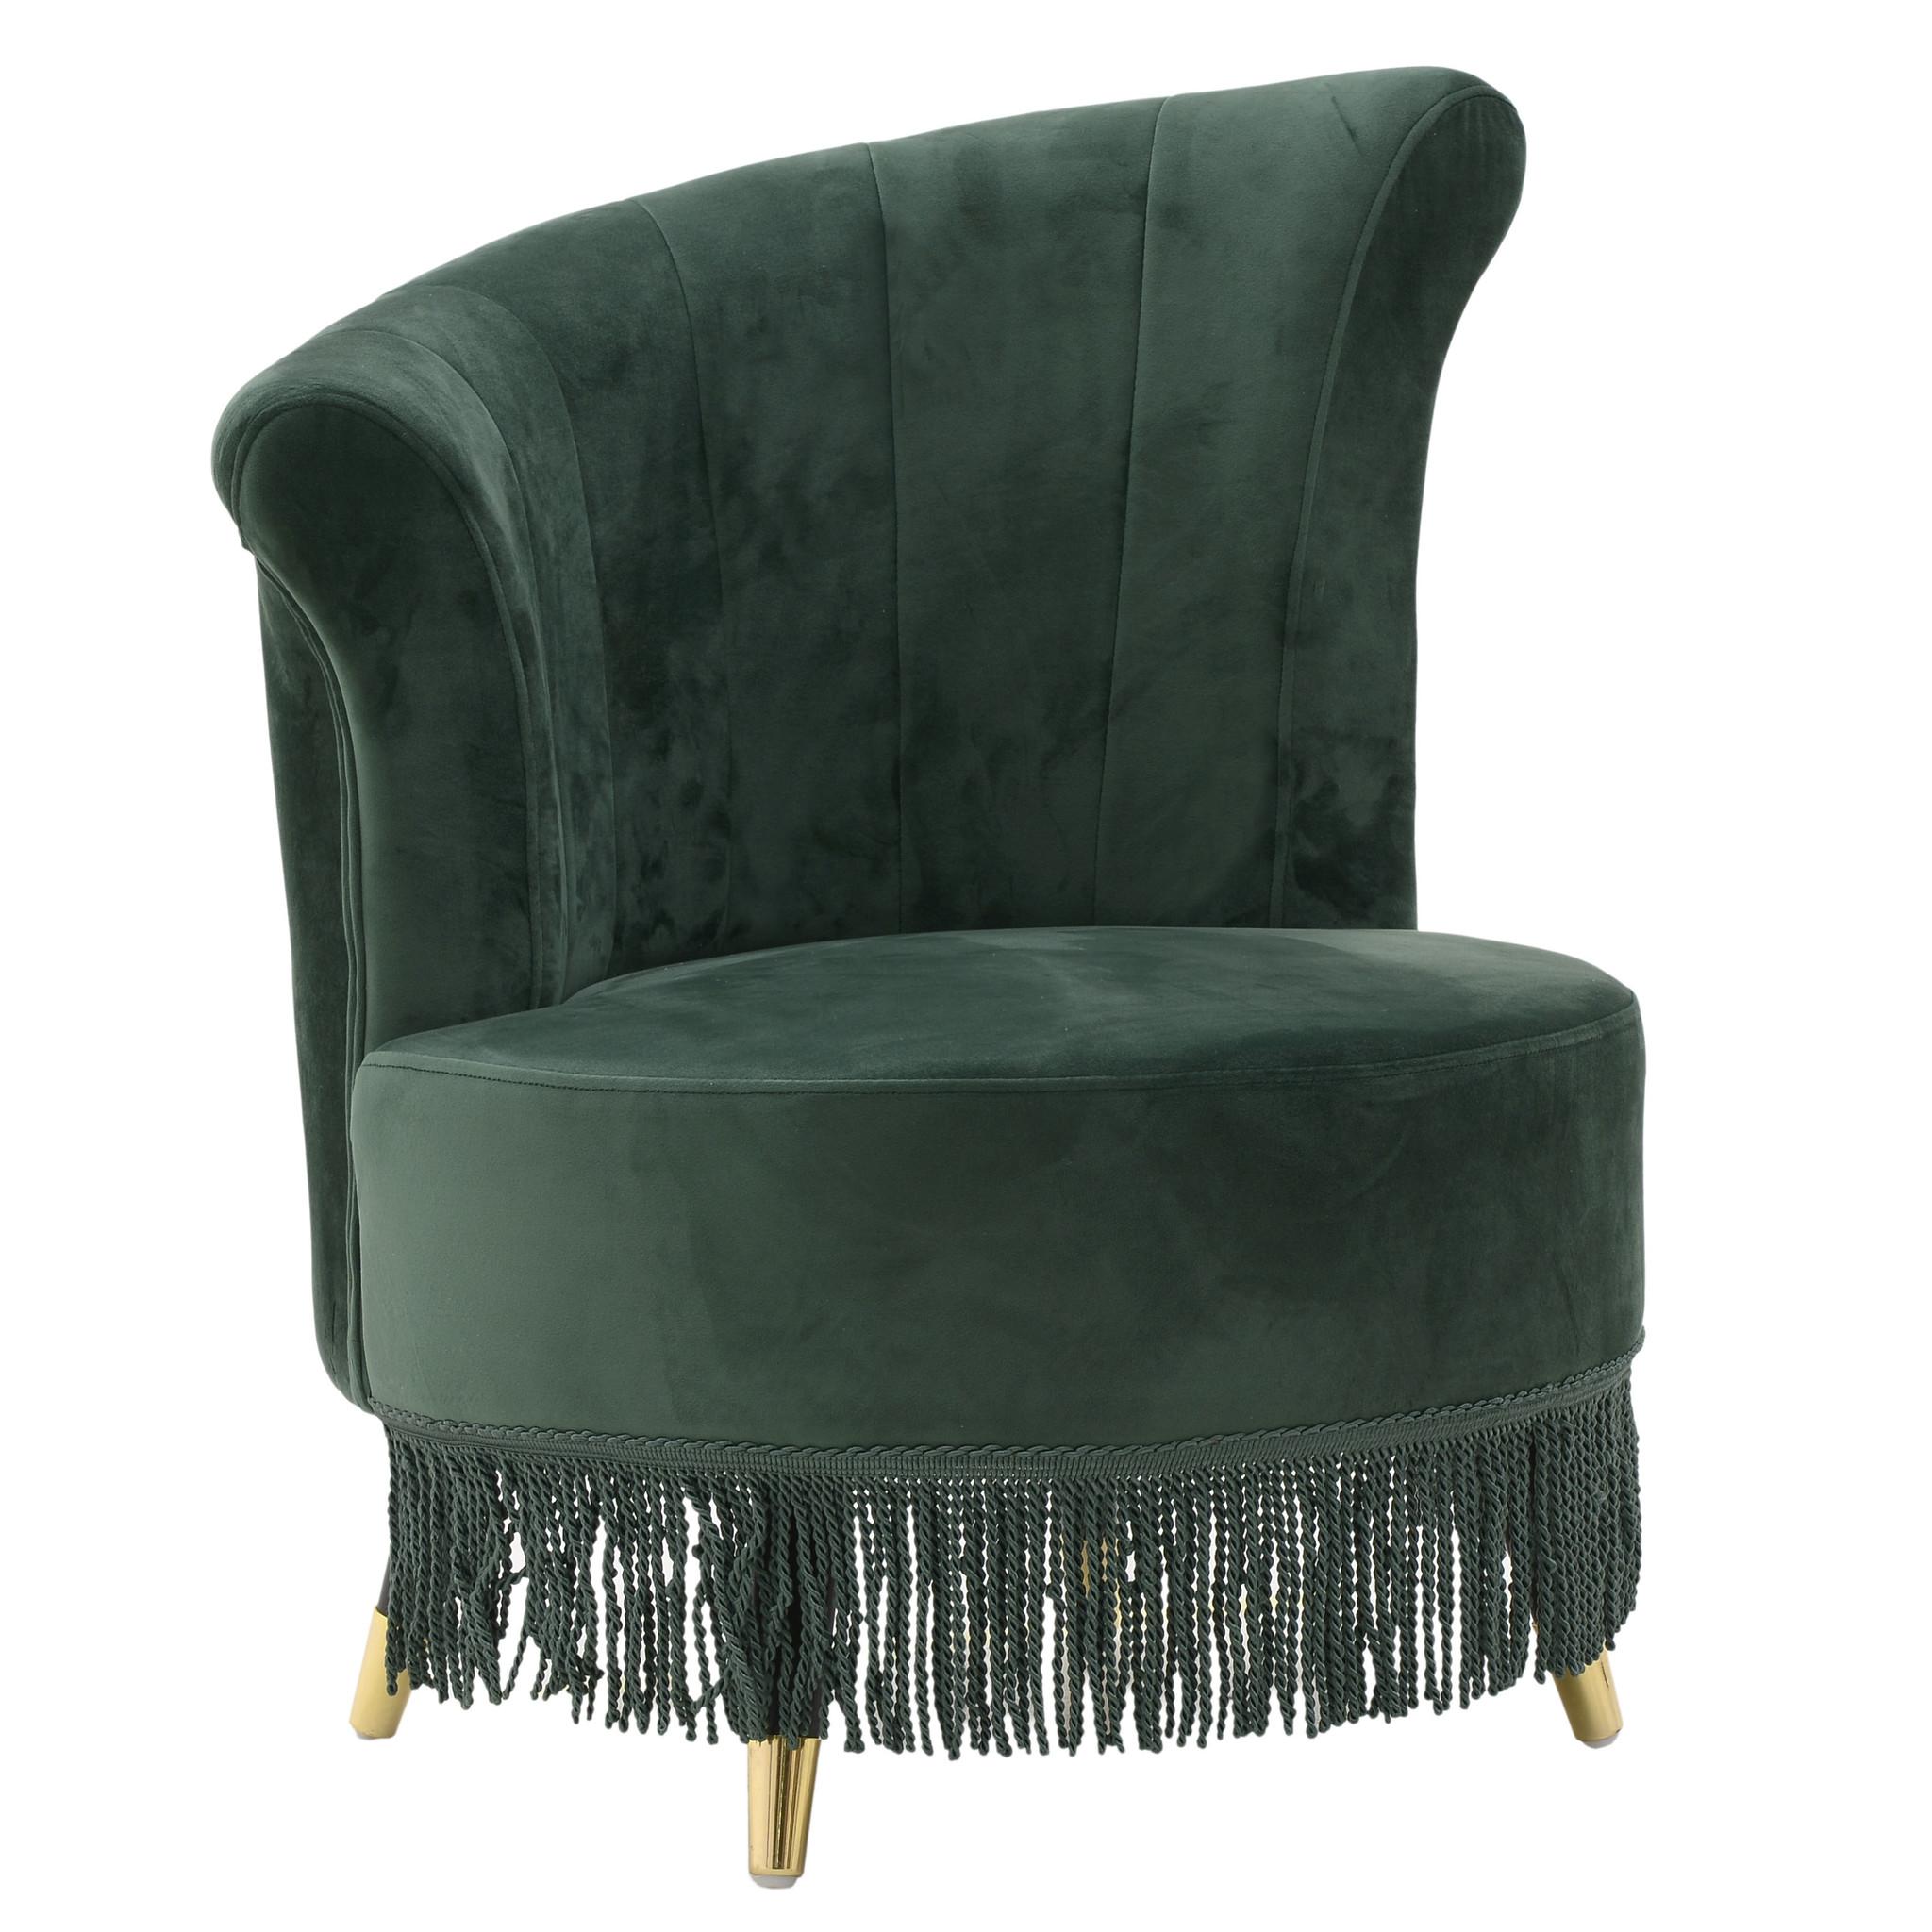 Купить Интерьерное кресло на ножках зеленого цвета, inmyroom, Греция